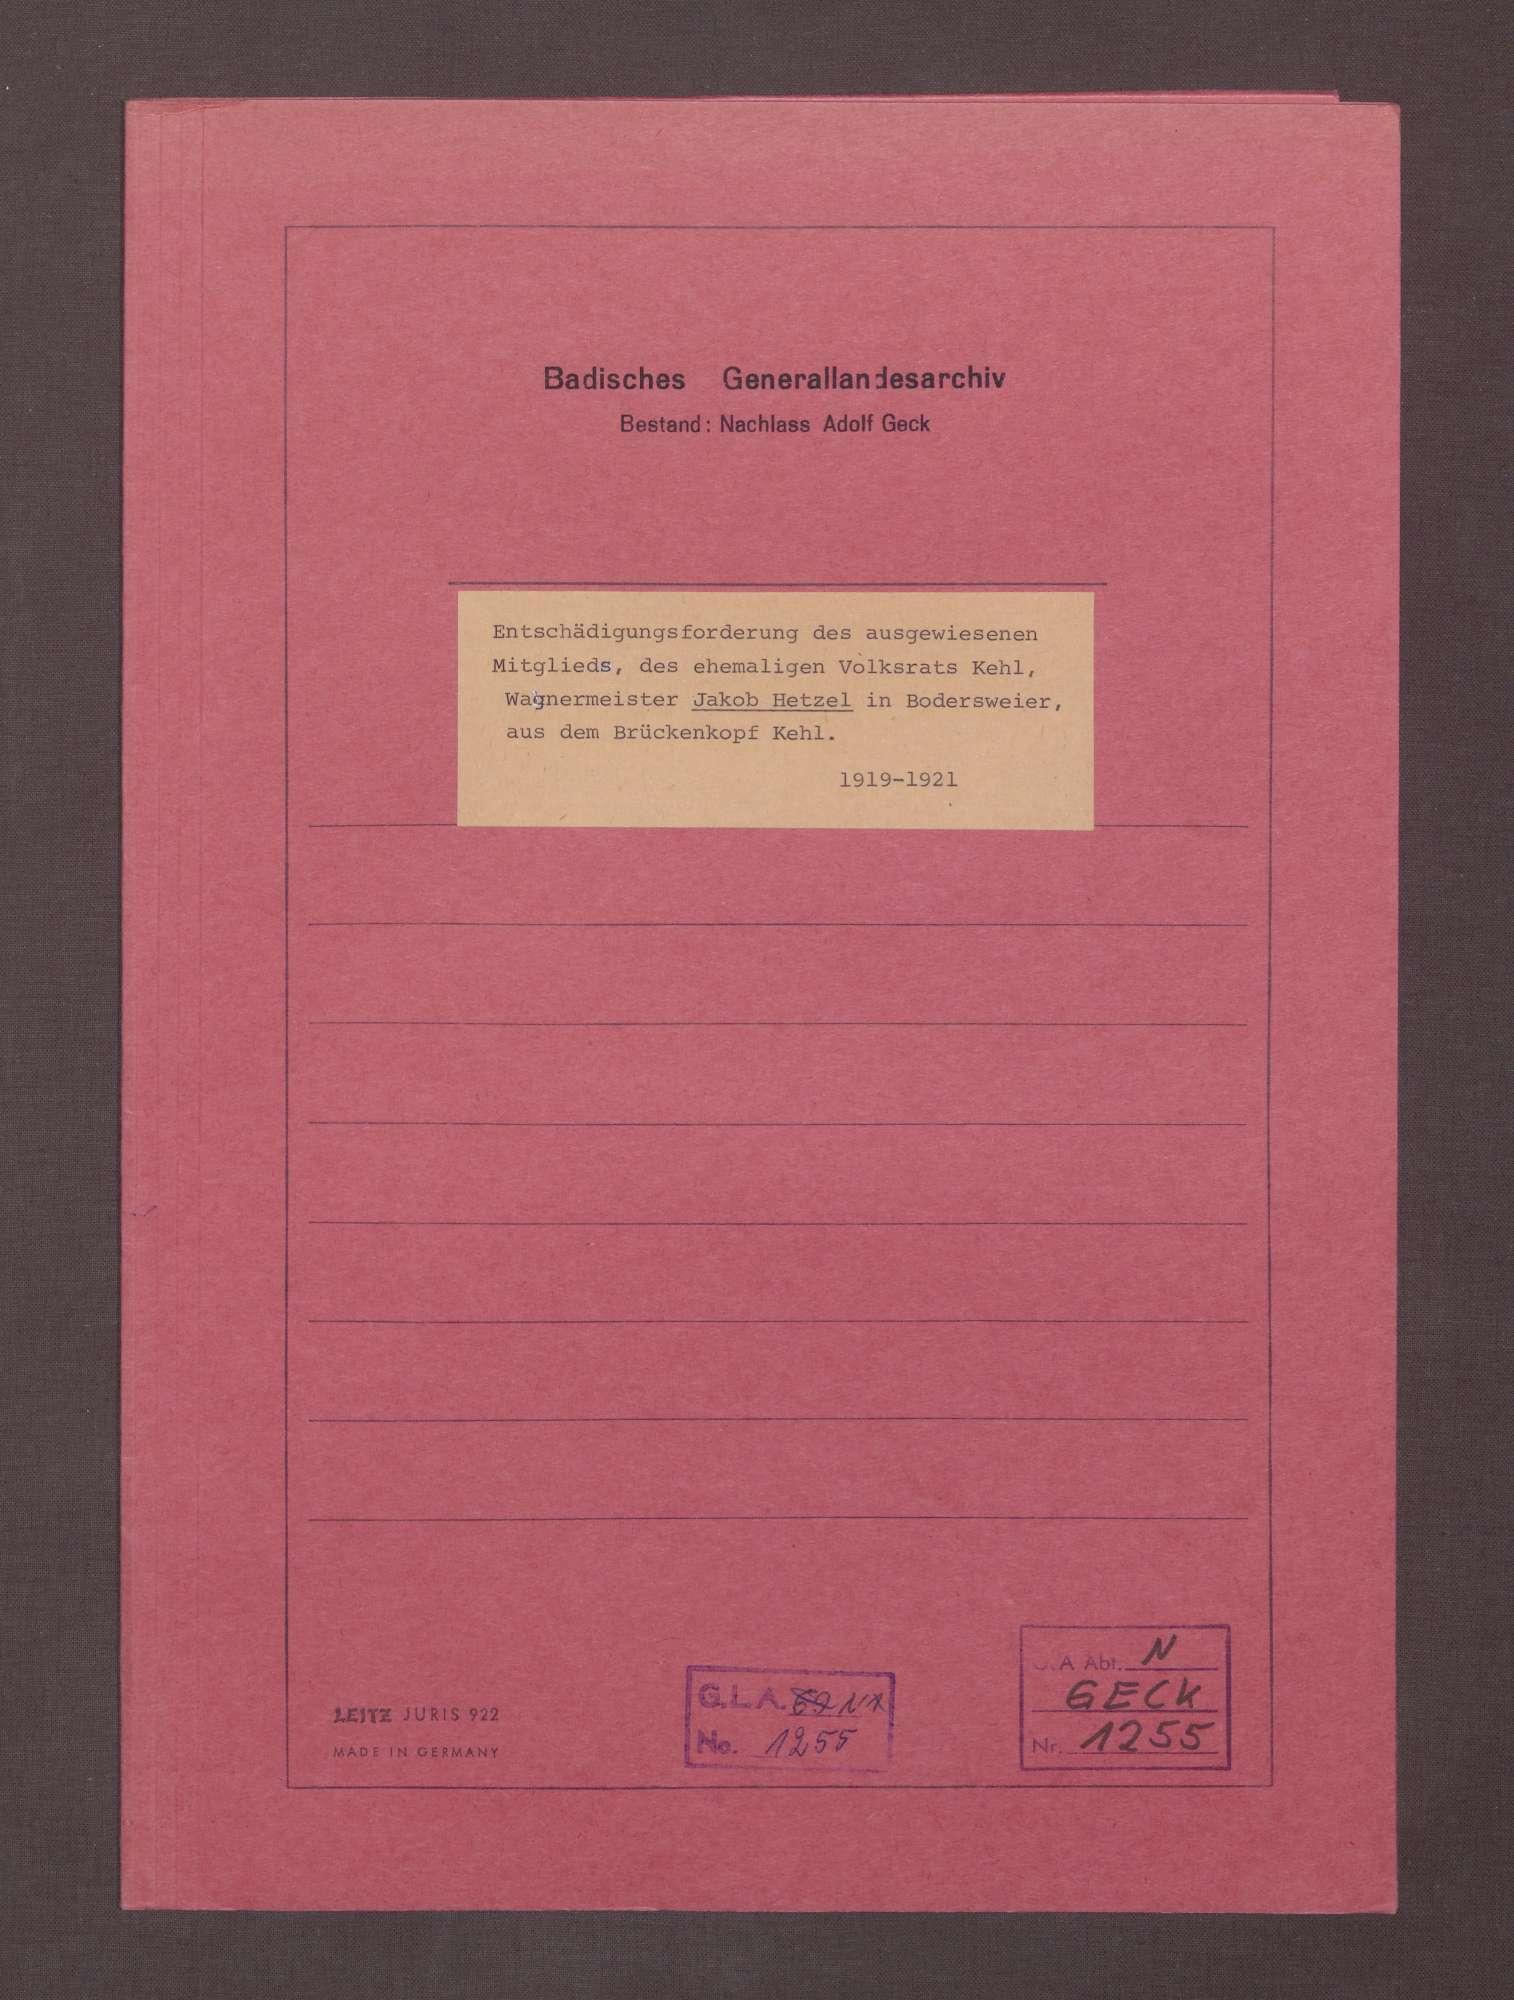 Entschädigungsforderungen von Jakbob Hetzel, Wagenmeister und Mitglied des Volksrates Kehl, Bodersweier, Bild 1